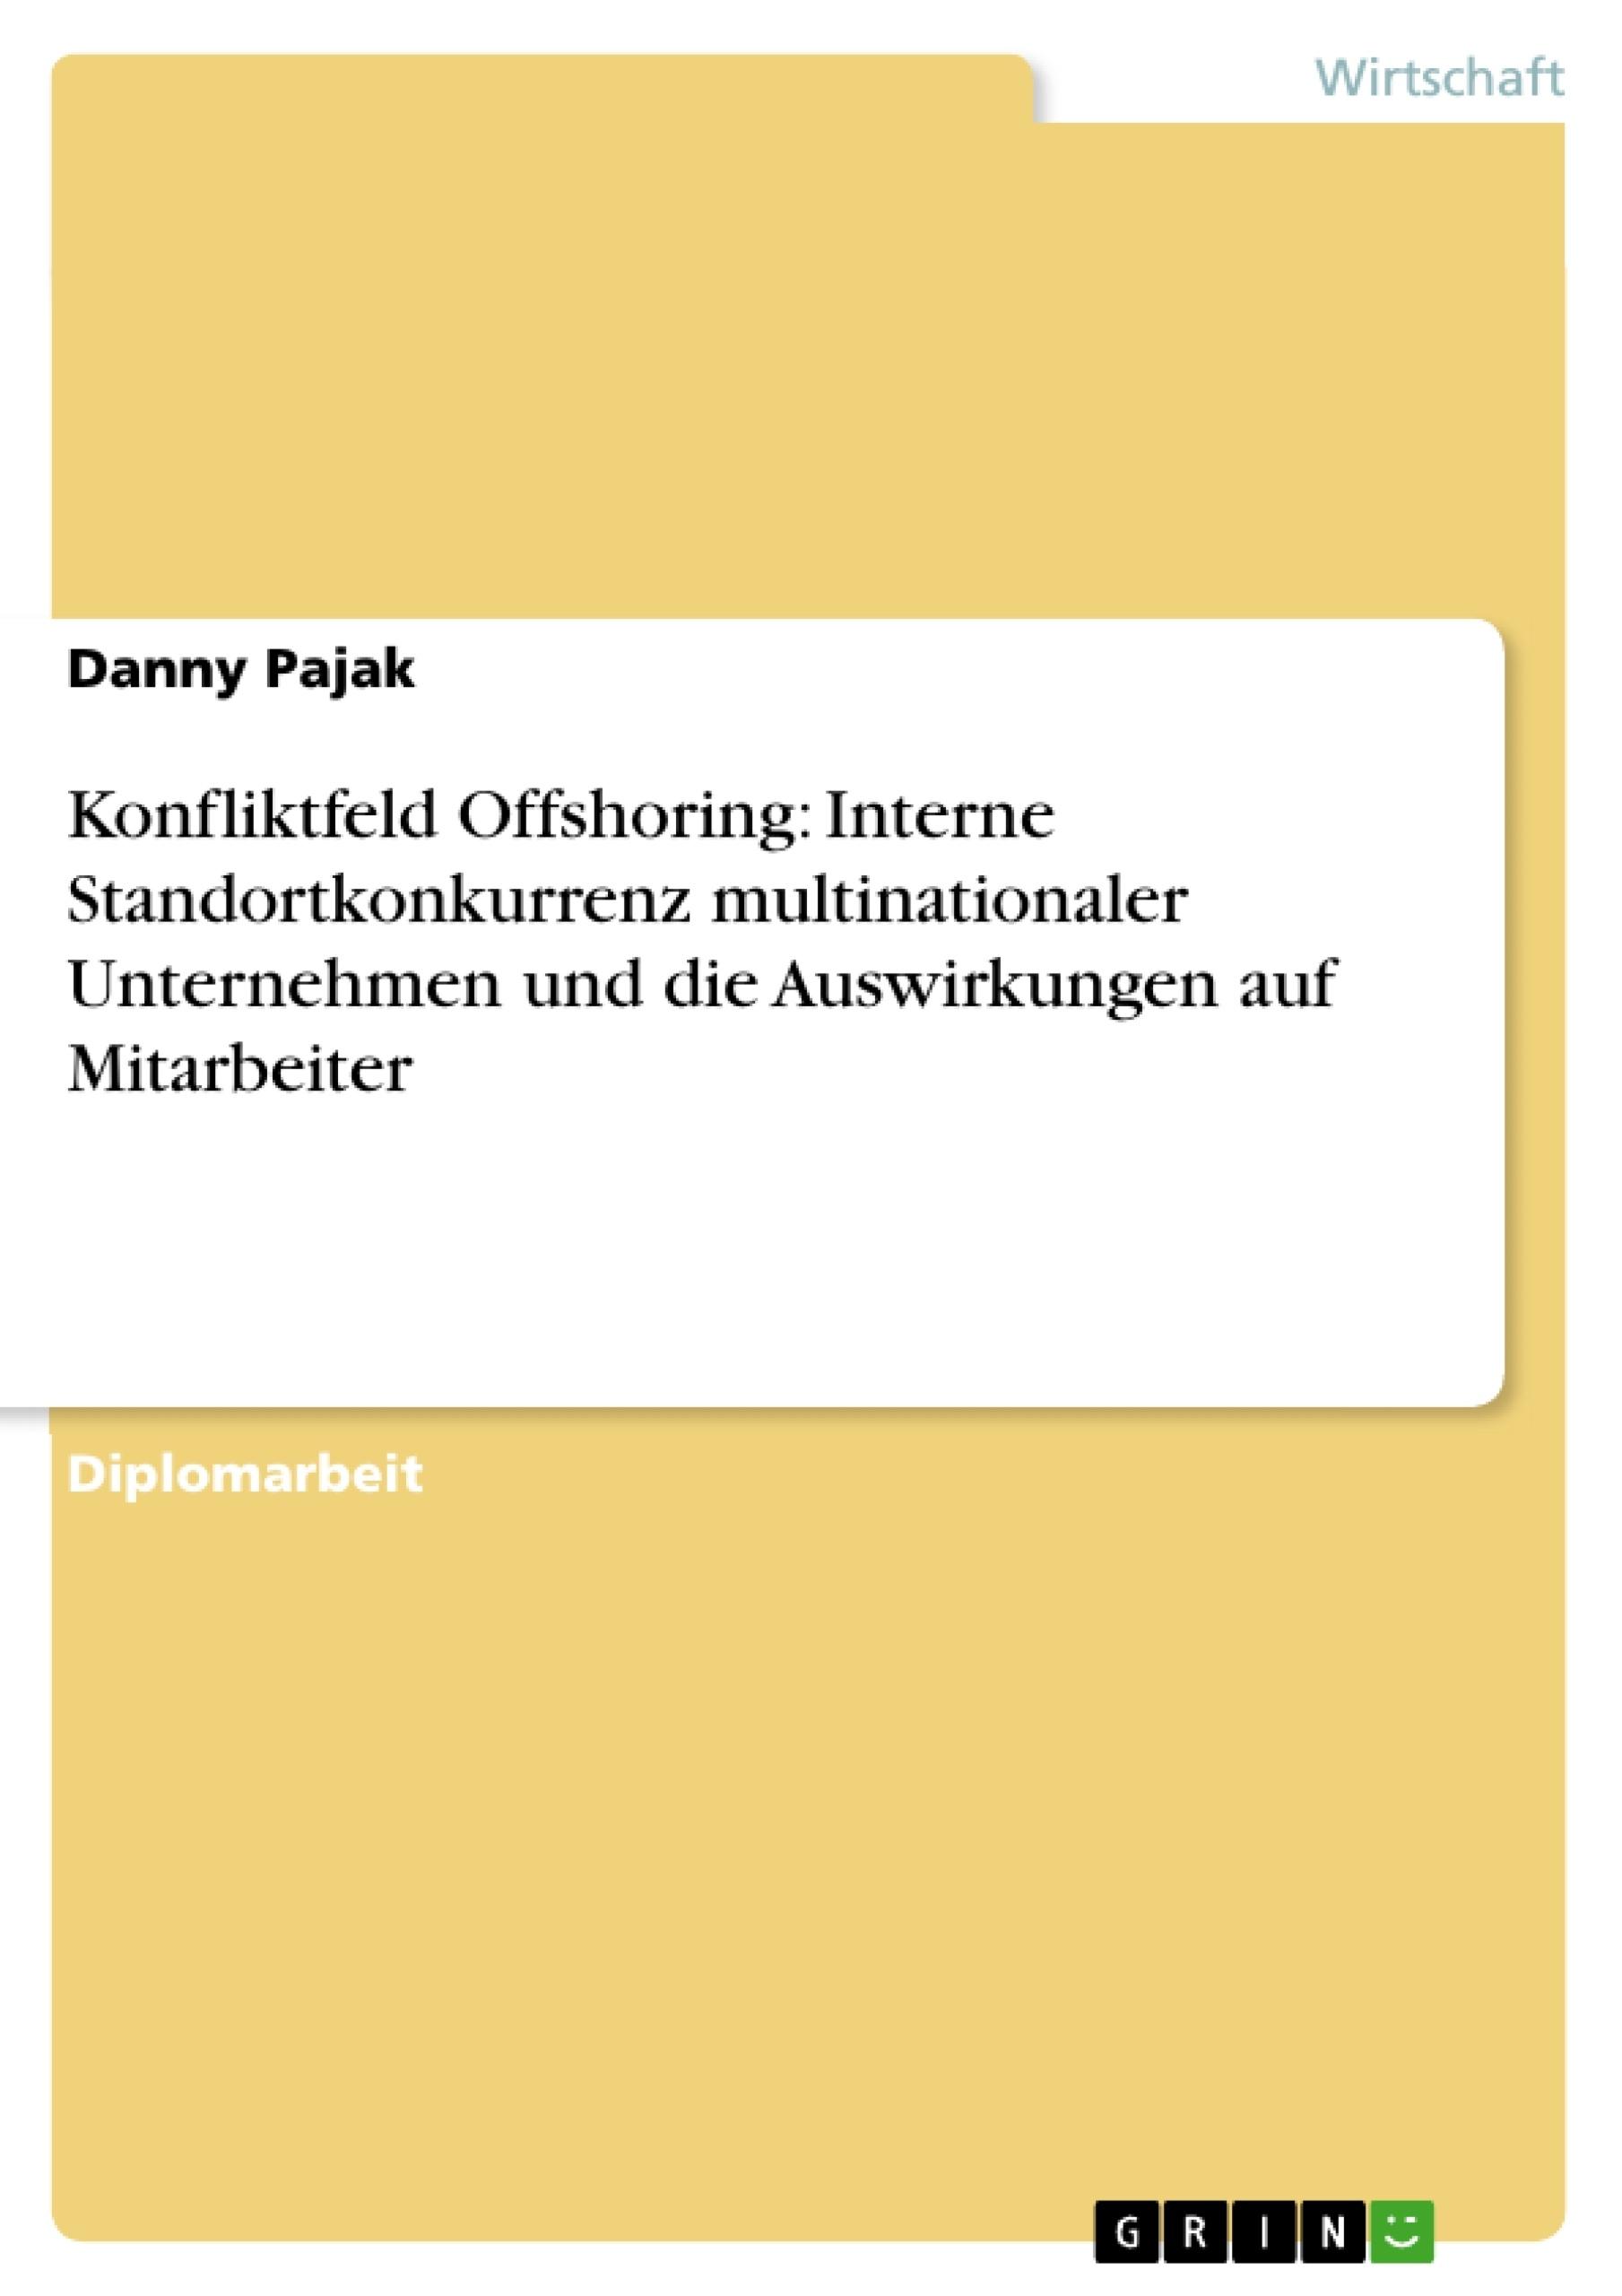 Titel: Konfliktfeld Offshoring: Interne Standortkonkurrenz multinationaler Unternehmen und die Auswirkungen auf Mitarbeiter